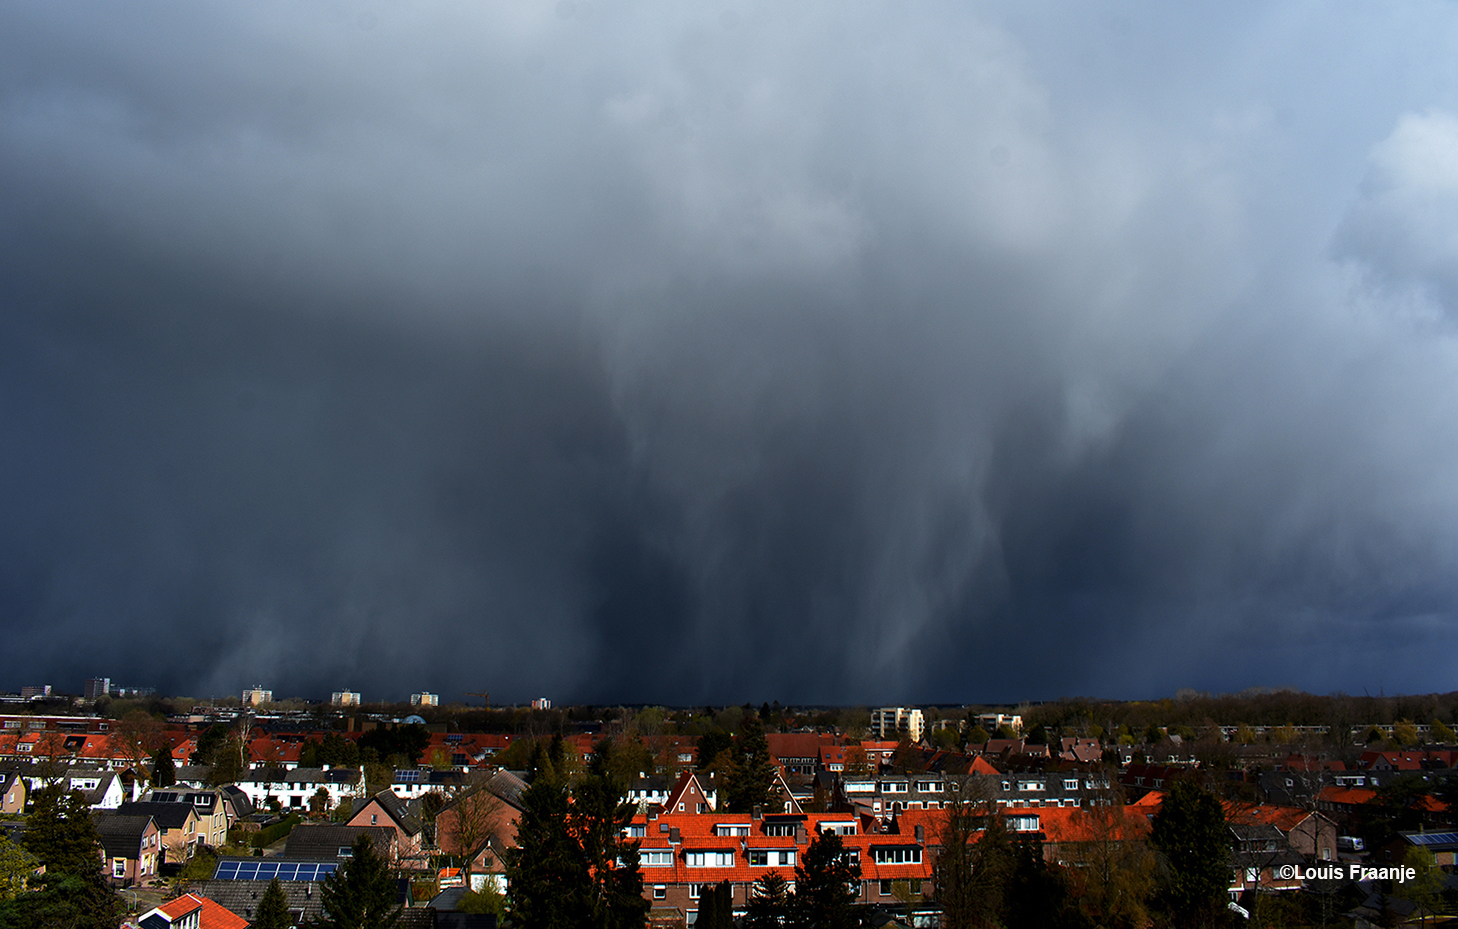 Een spectaculaire wolkenlucht ontwikkelt zich boven Ede-Zuid. Gezien vanaf de Willem Marisflat richting het noorden - Foto: ©Louis Fraanje